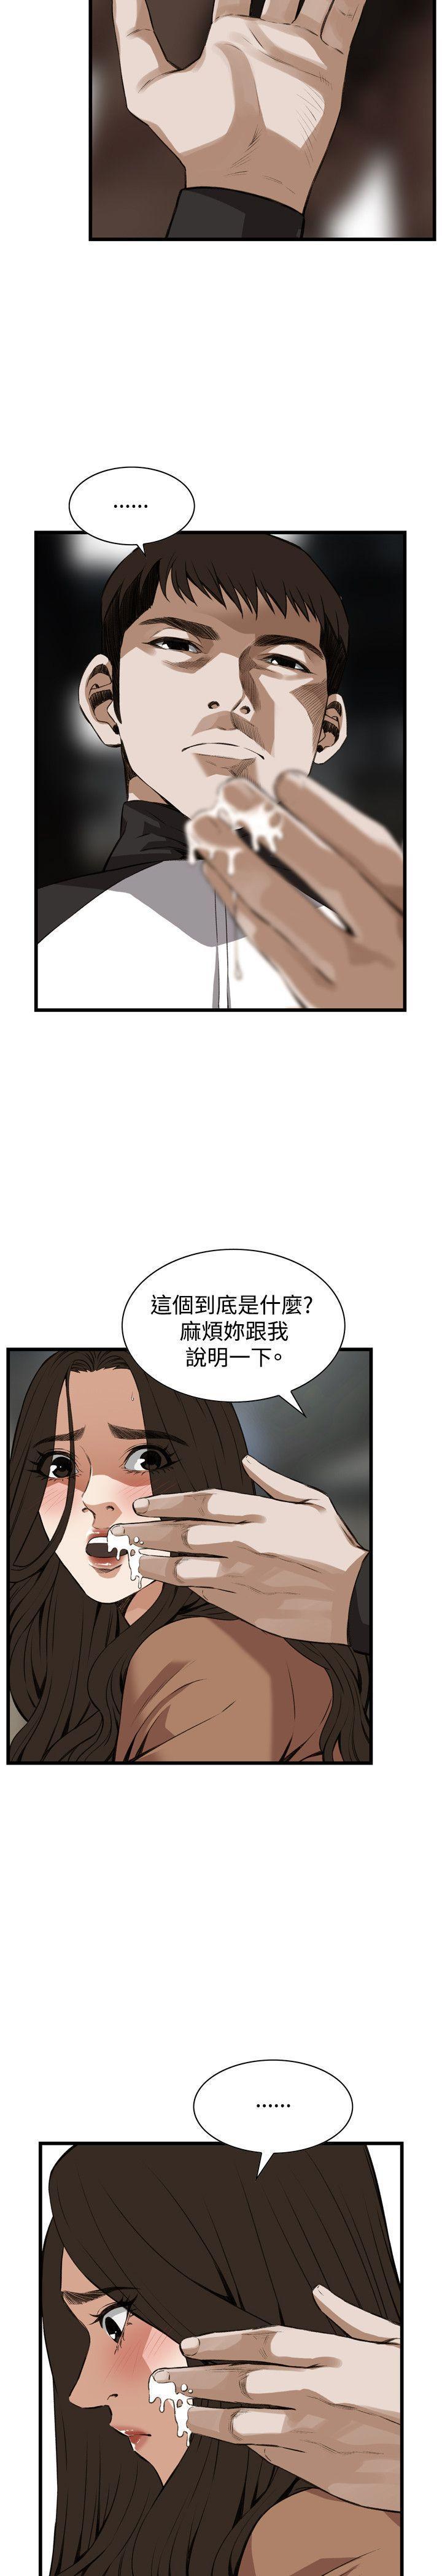 偷窥72-93 Chinese Rsiky 373